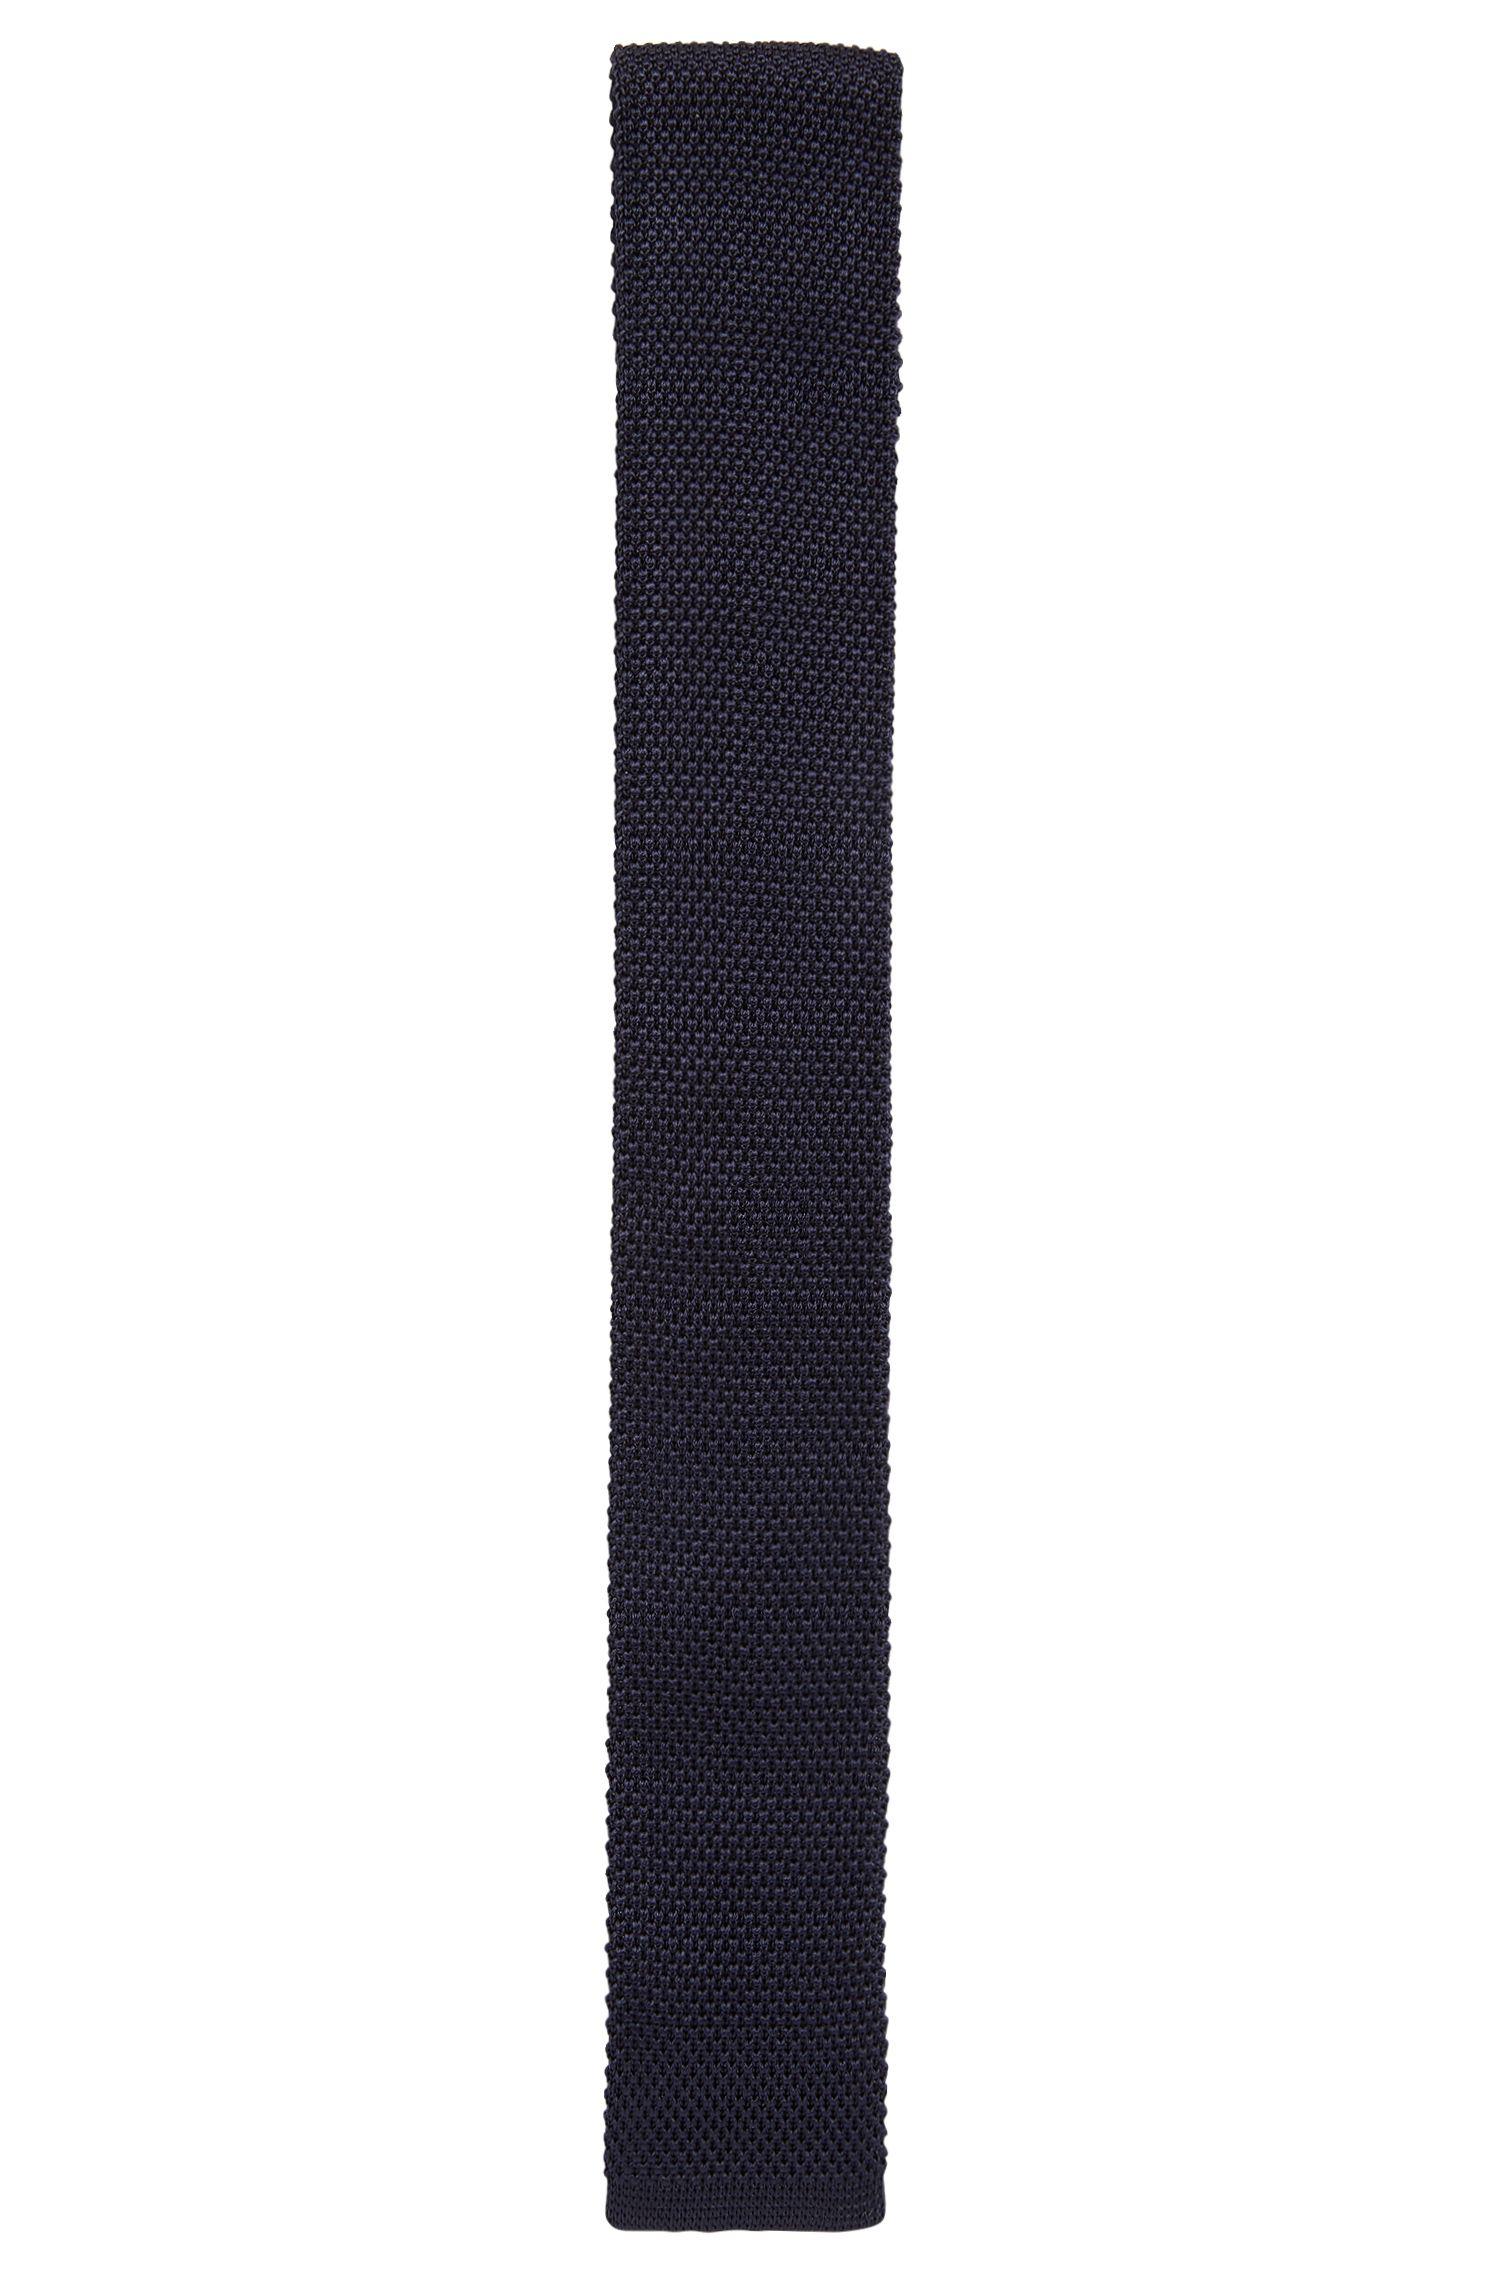 Cravatta straight-cut realizzata in Italia in seta lavorata